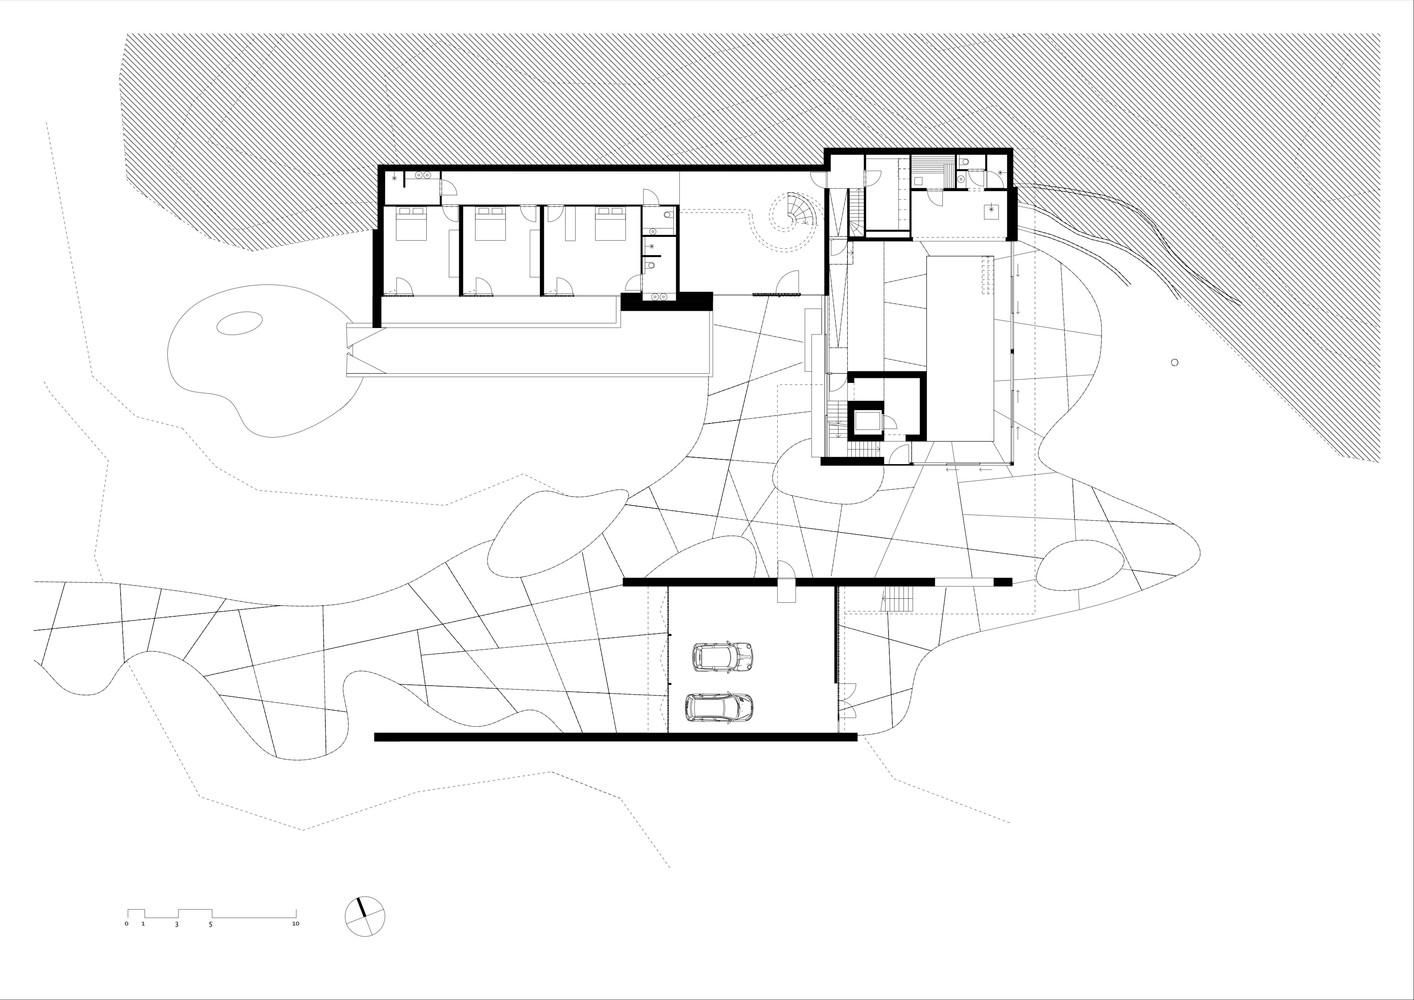 Dune villaground floor plan